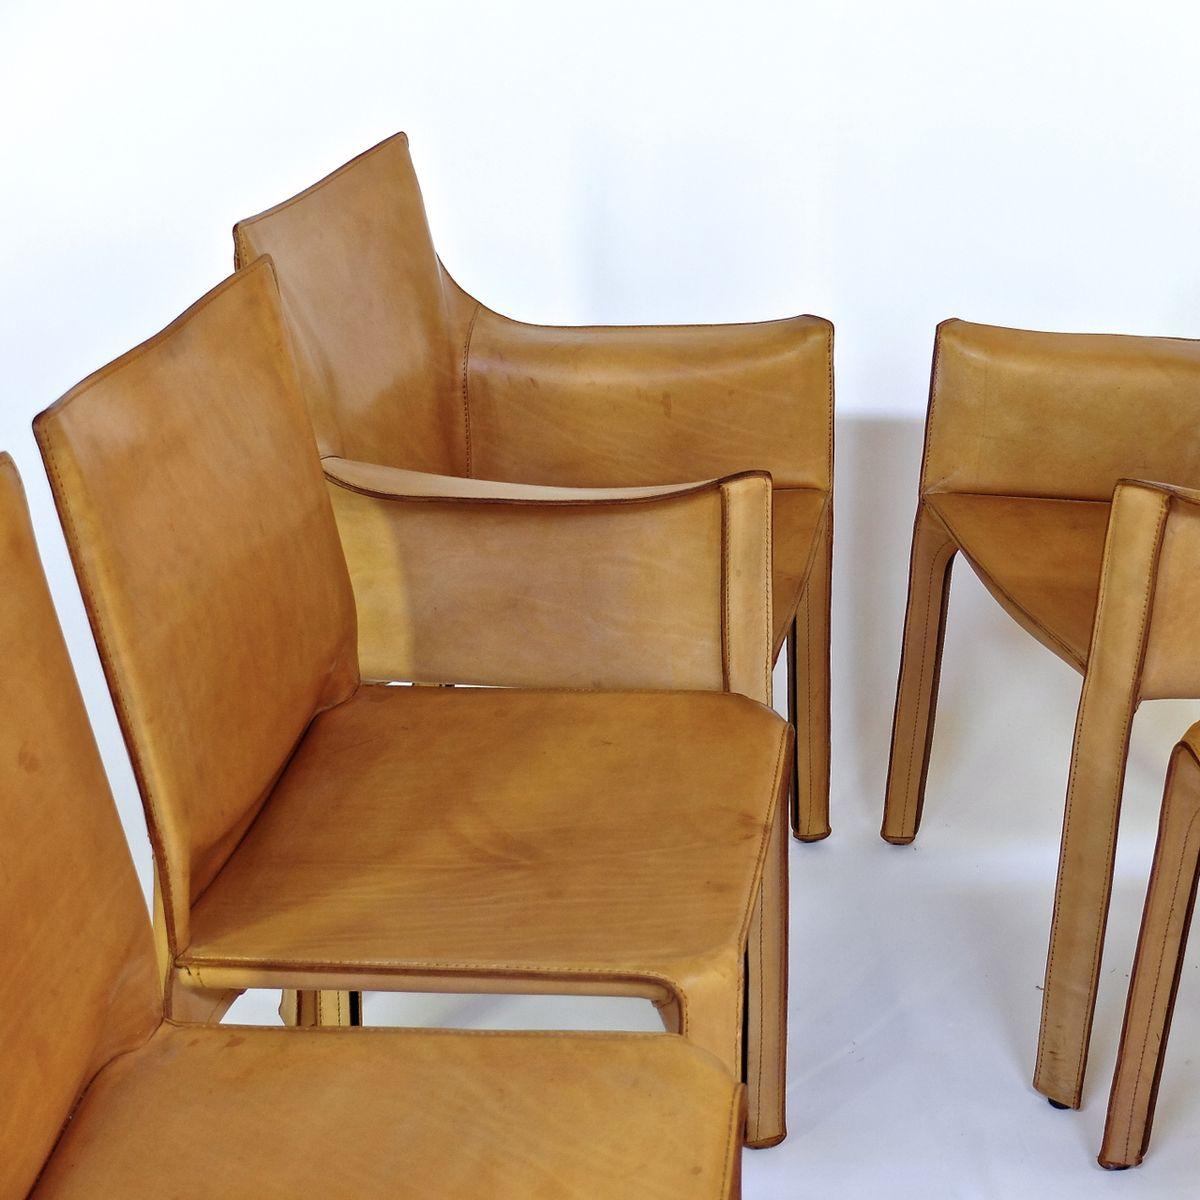 chaises de salon mod le cab 412 413 vintage par mario bellini pour cassina set de 6 en. Black Bedroom Furniture Sets. Home Design Ideas